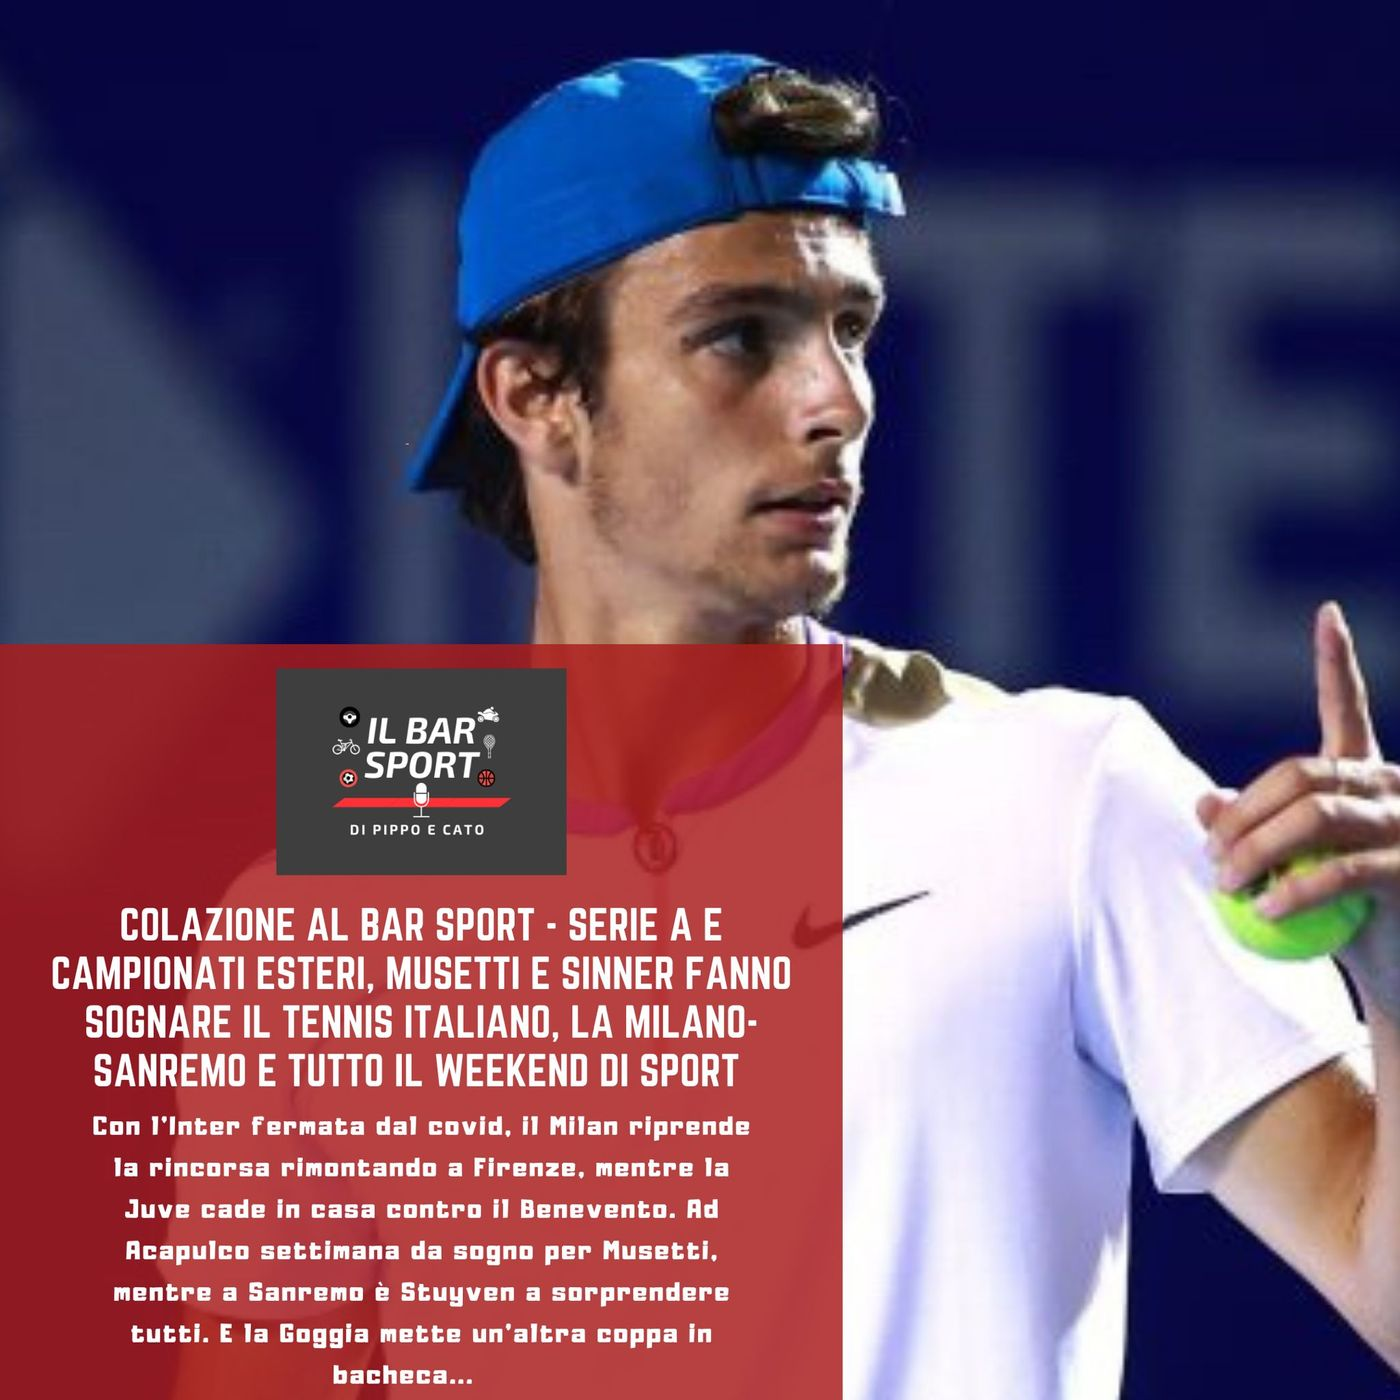 Colazione al Bar Sport - Serie A e campionati esteri, Musetti e Sinner fanno sognare il tennis italiano e tutto il weekend di sport